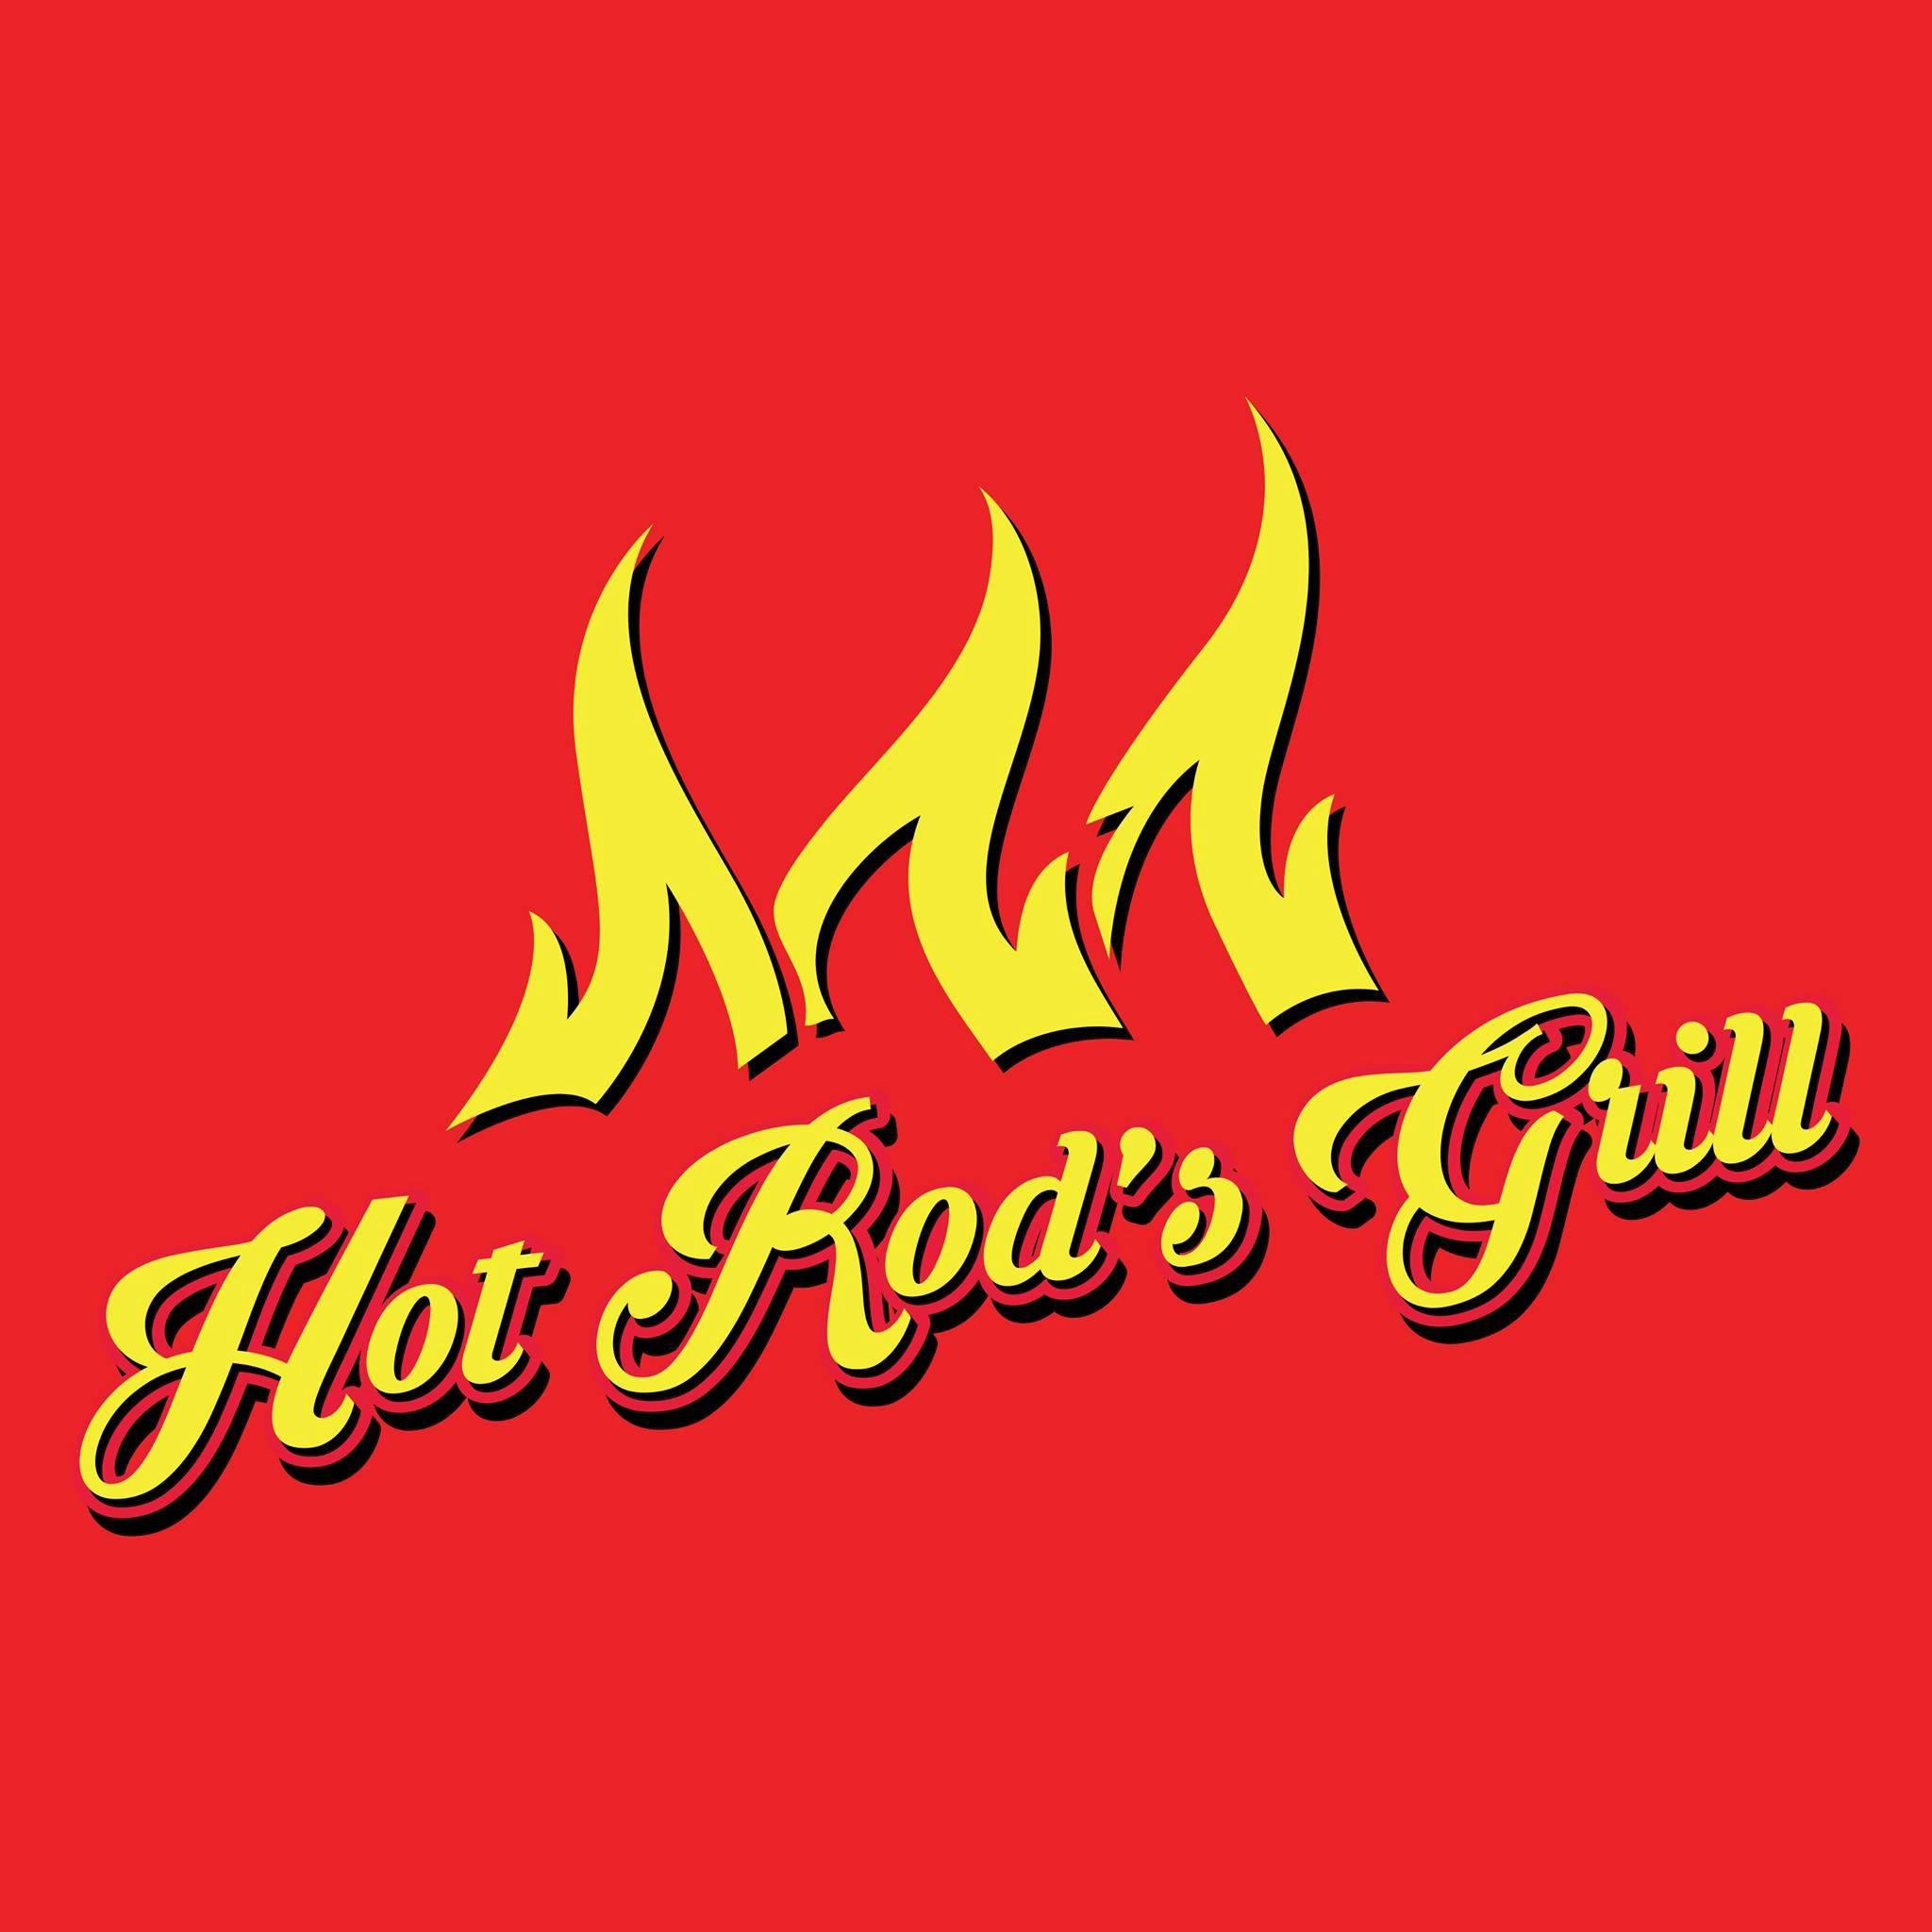 Hot Rod's Grill.jpg